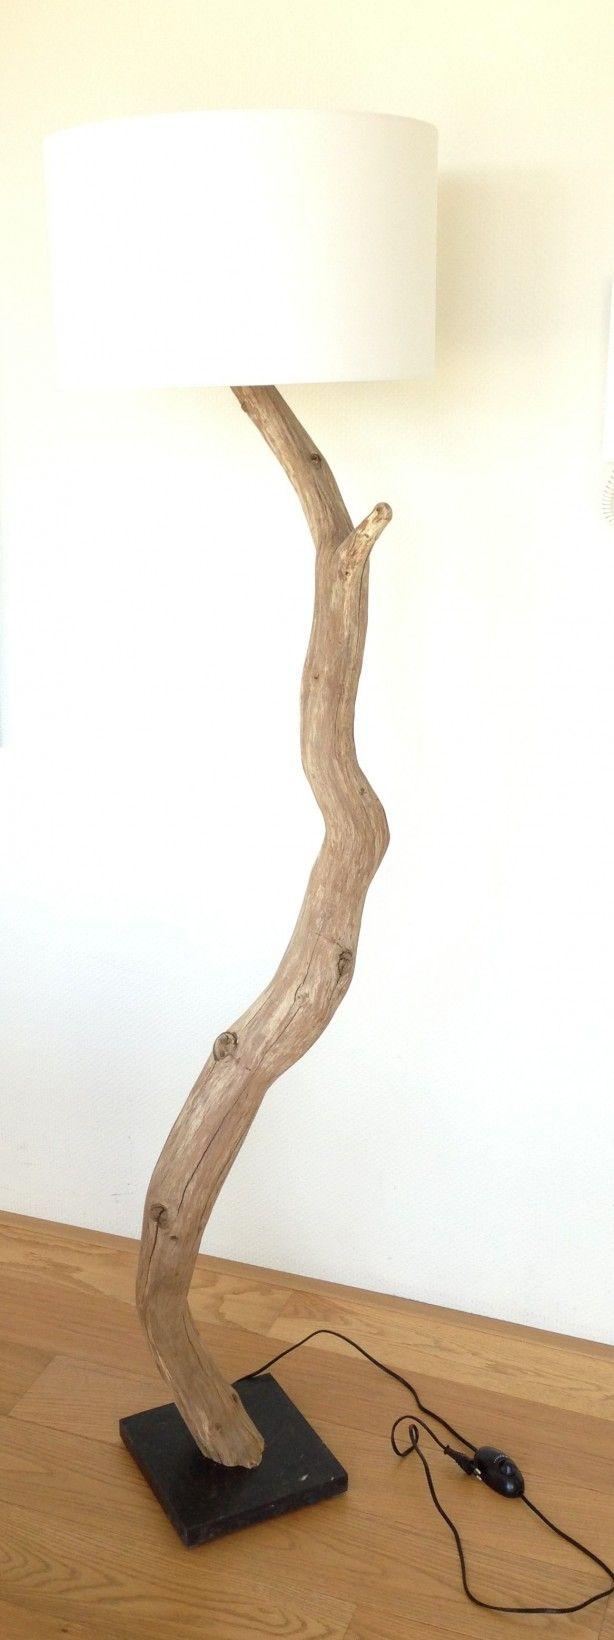 Staande lamp, totaal 180 cm hoog, van Verweerd geschuurd Eiken op hardstenen voet van 25x25X3 cm, inclusief snoer met dimmer schakelaar en katoenen kap rond 47x28cm .zie webshop gbhnatureart